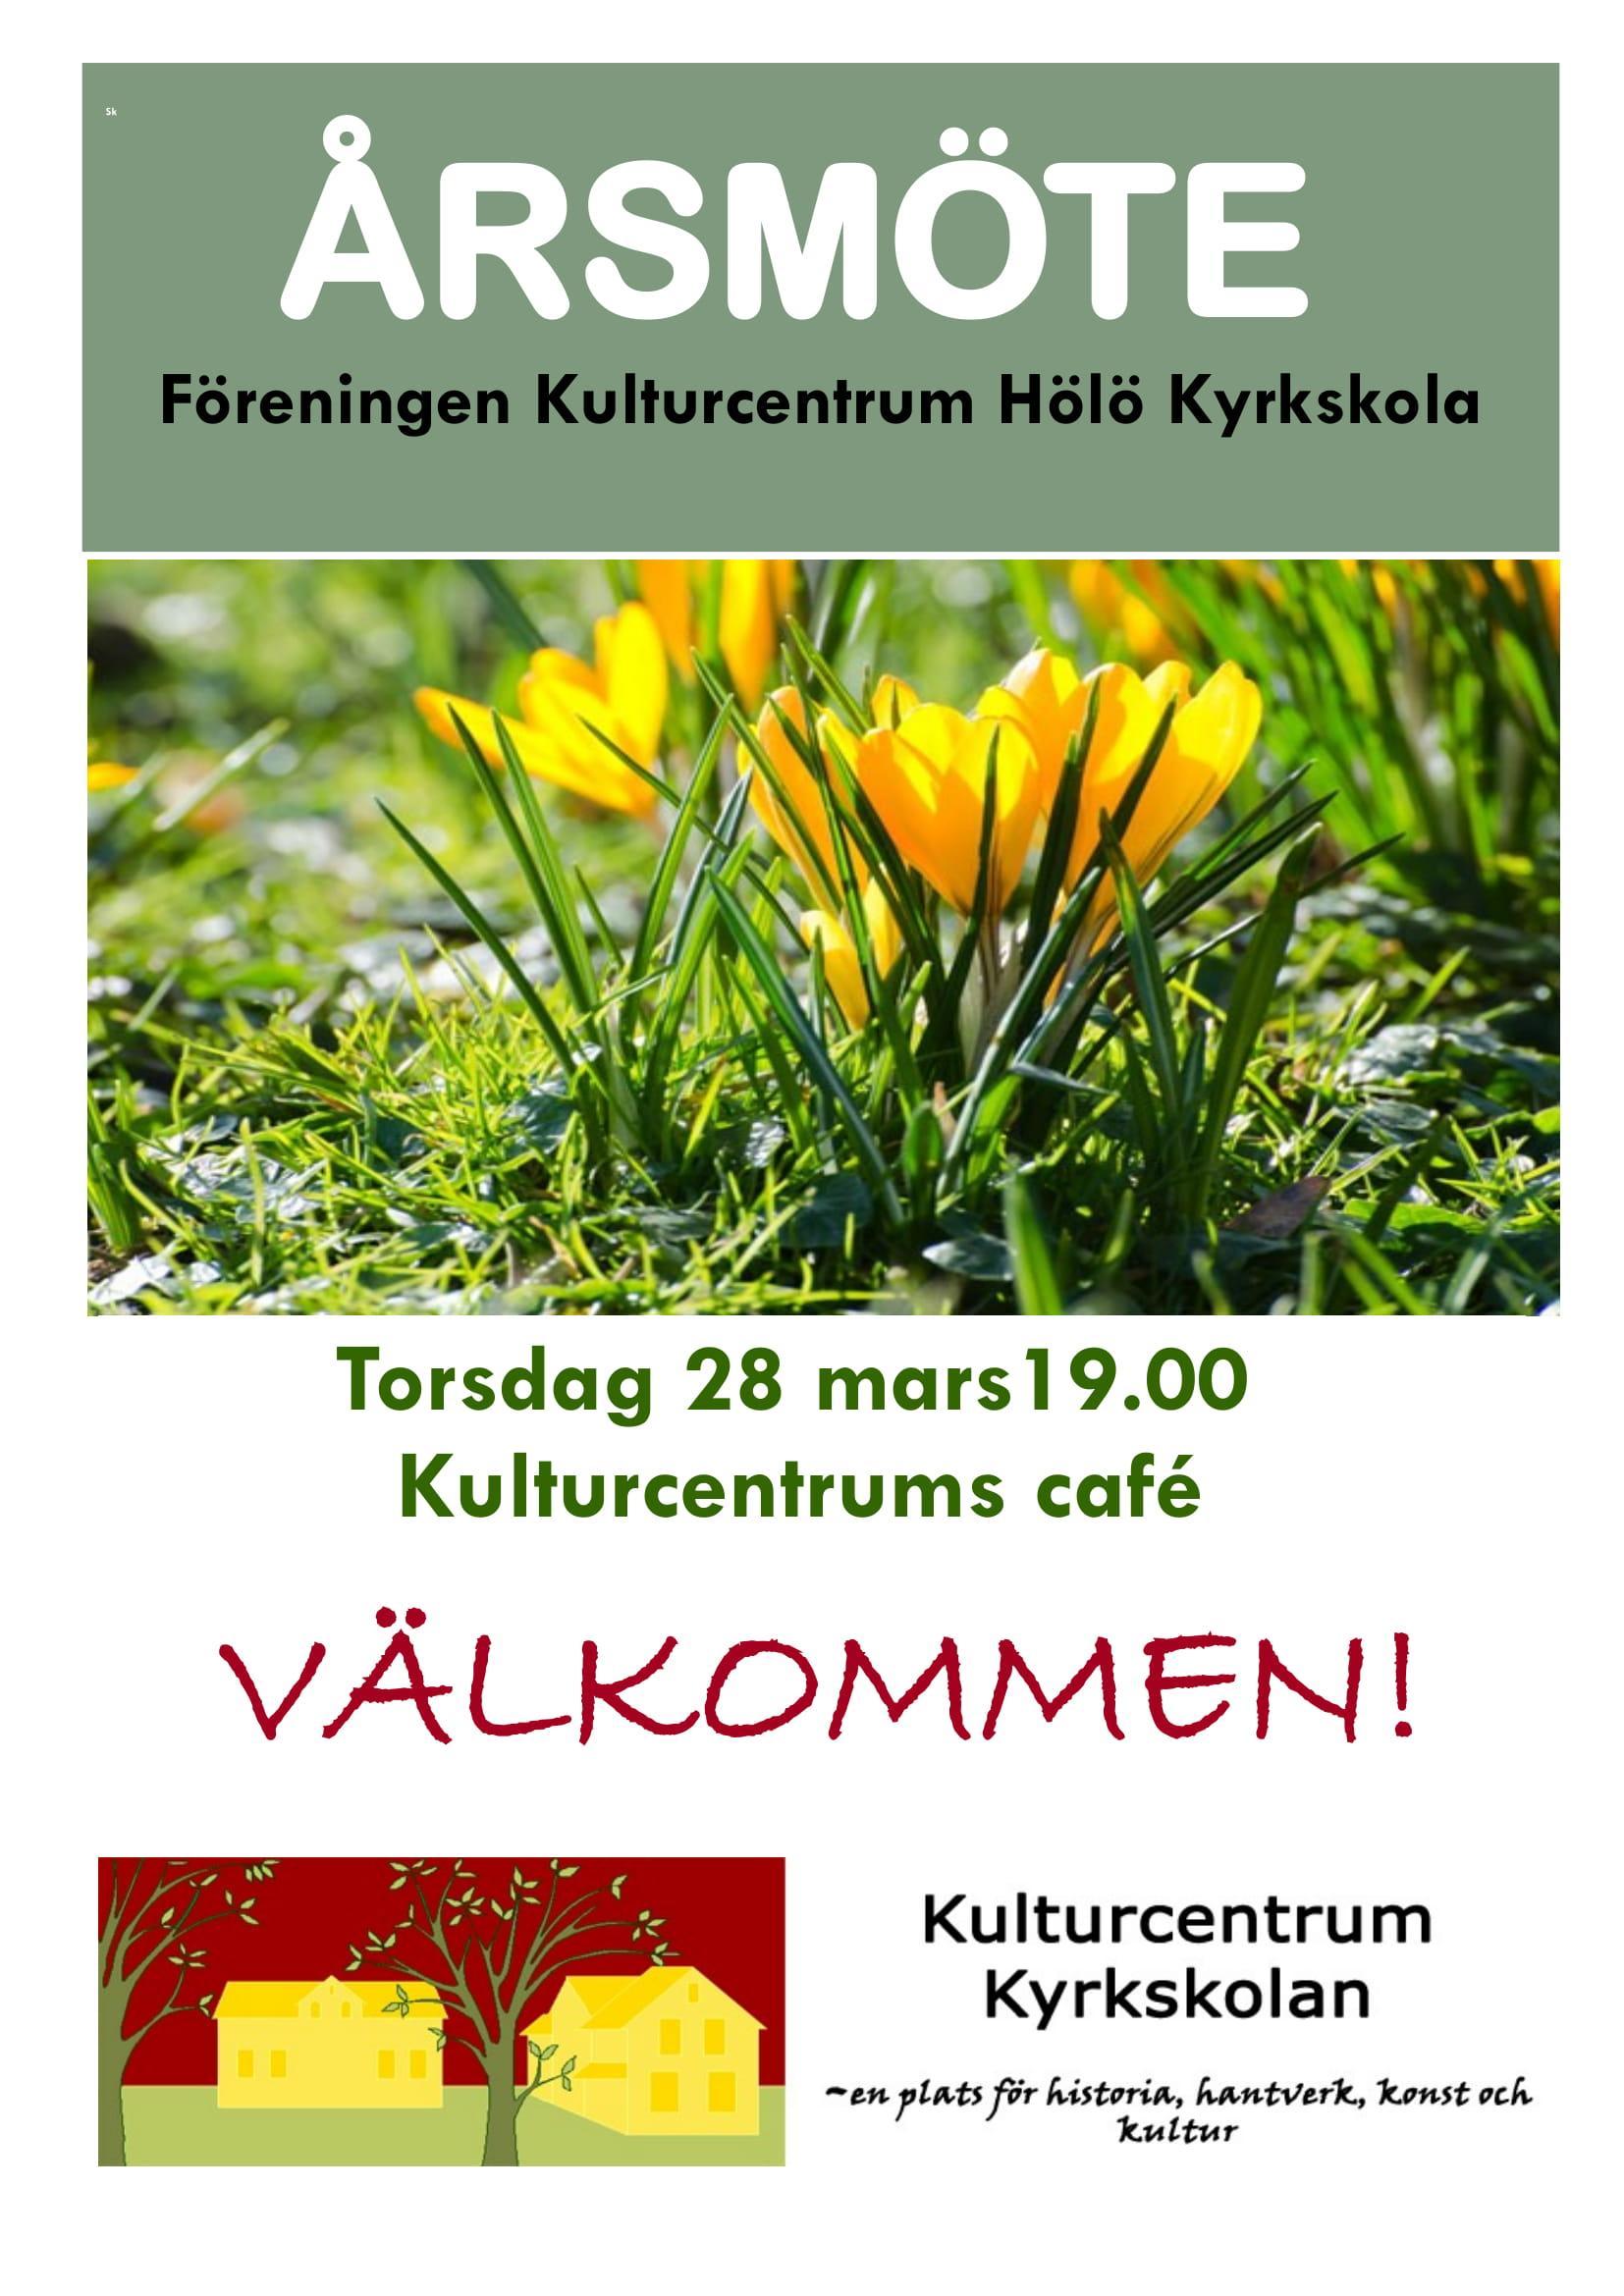 Årsmöte Kulturcentrum Hölö Kyrkskola